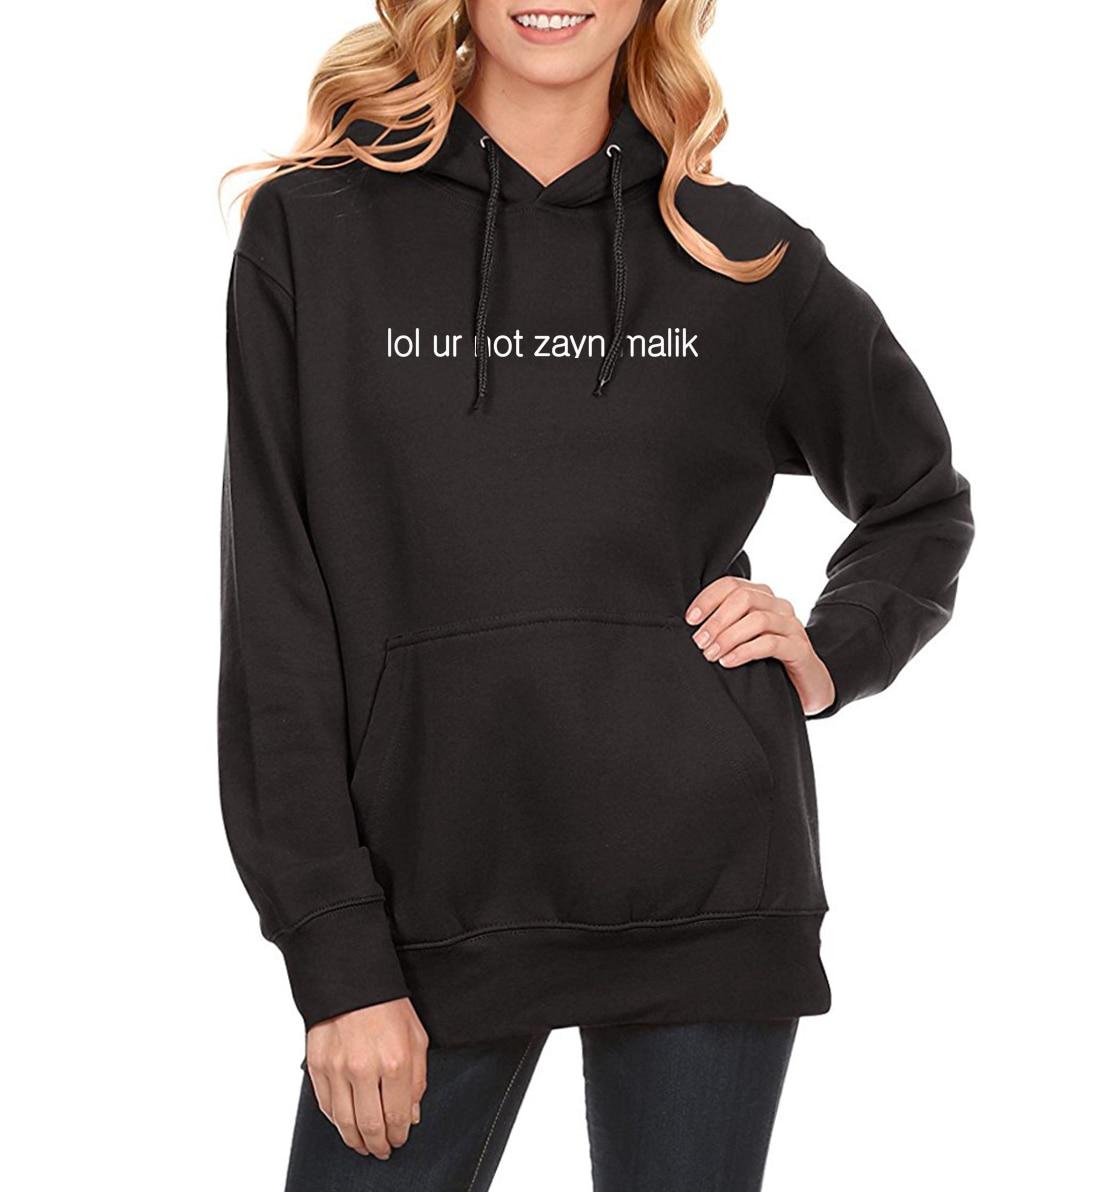 2019 Spring Winter Fleece Hoodies For Women Letter Print LOL UR NOT ZAYN MALIK Casual Women's Sportswear Harajuku Hoody Crossfit